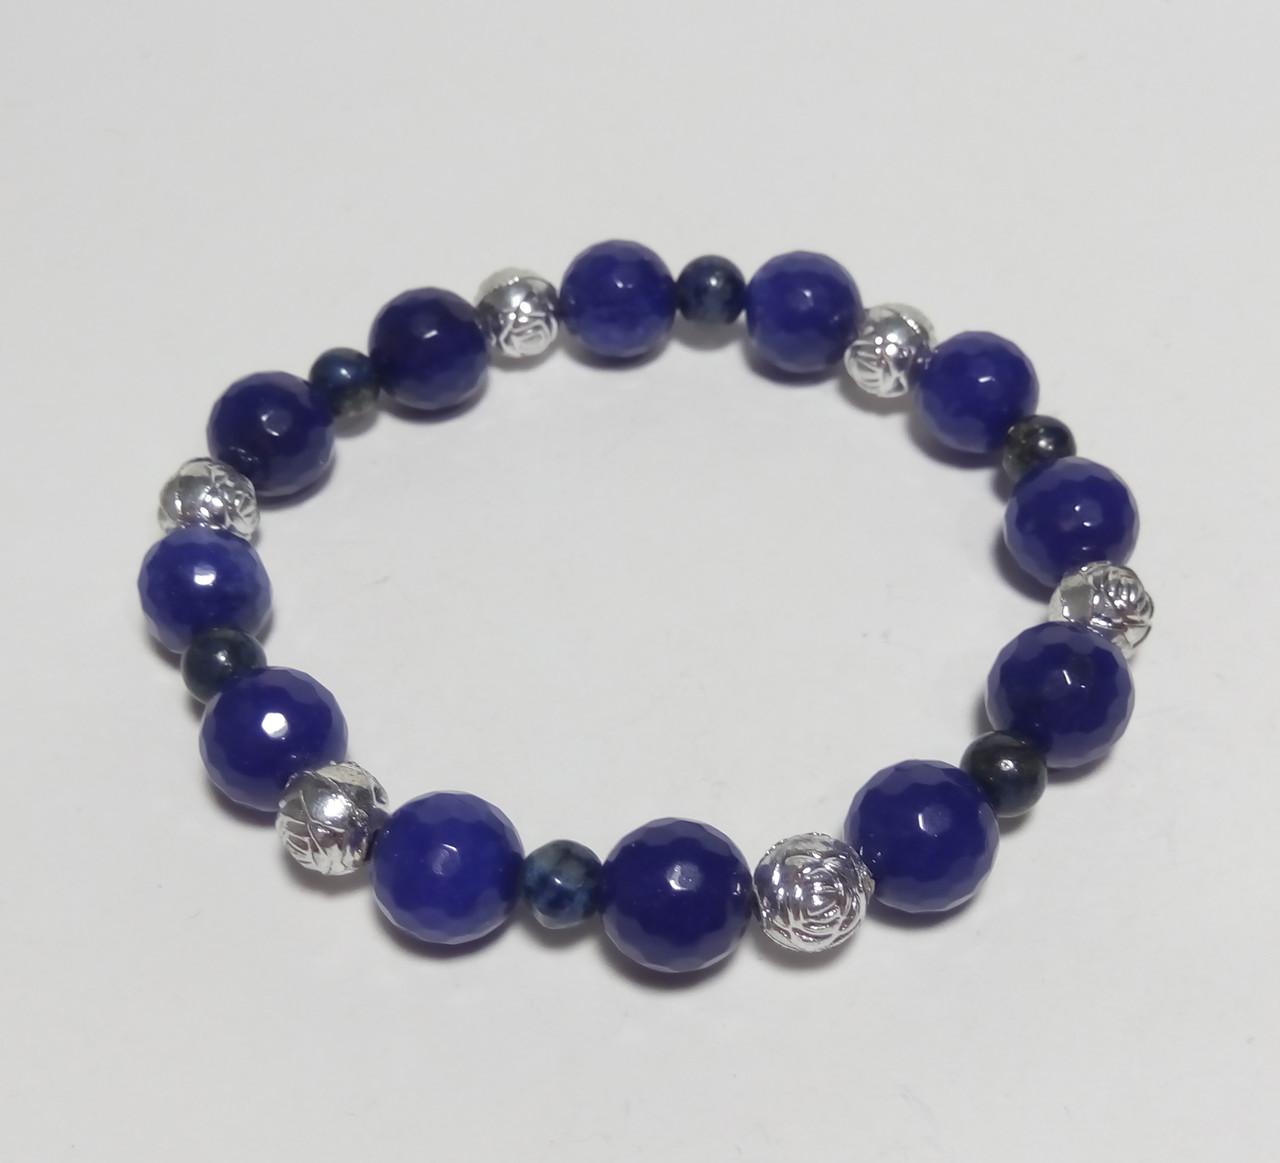 Браслет Агат, Лазурит натуральный камень, цвет синий и его оттенки, тм Satori \ Sb - 0055